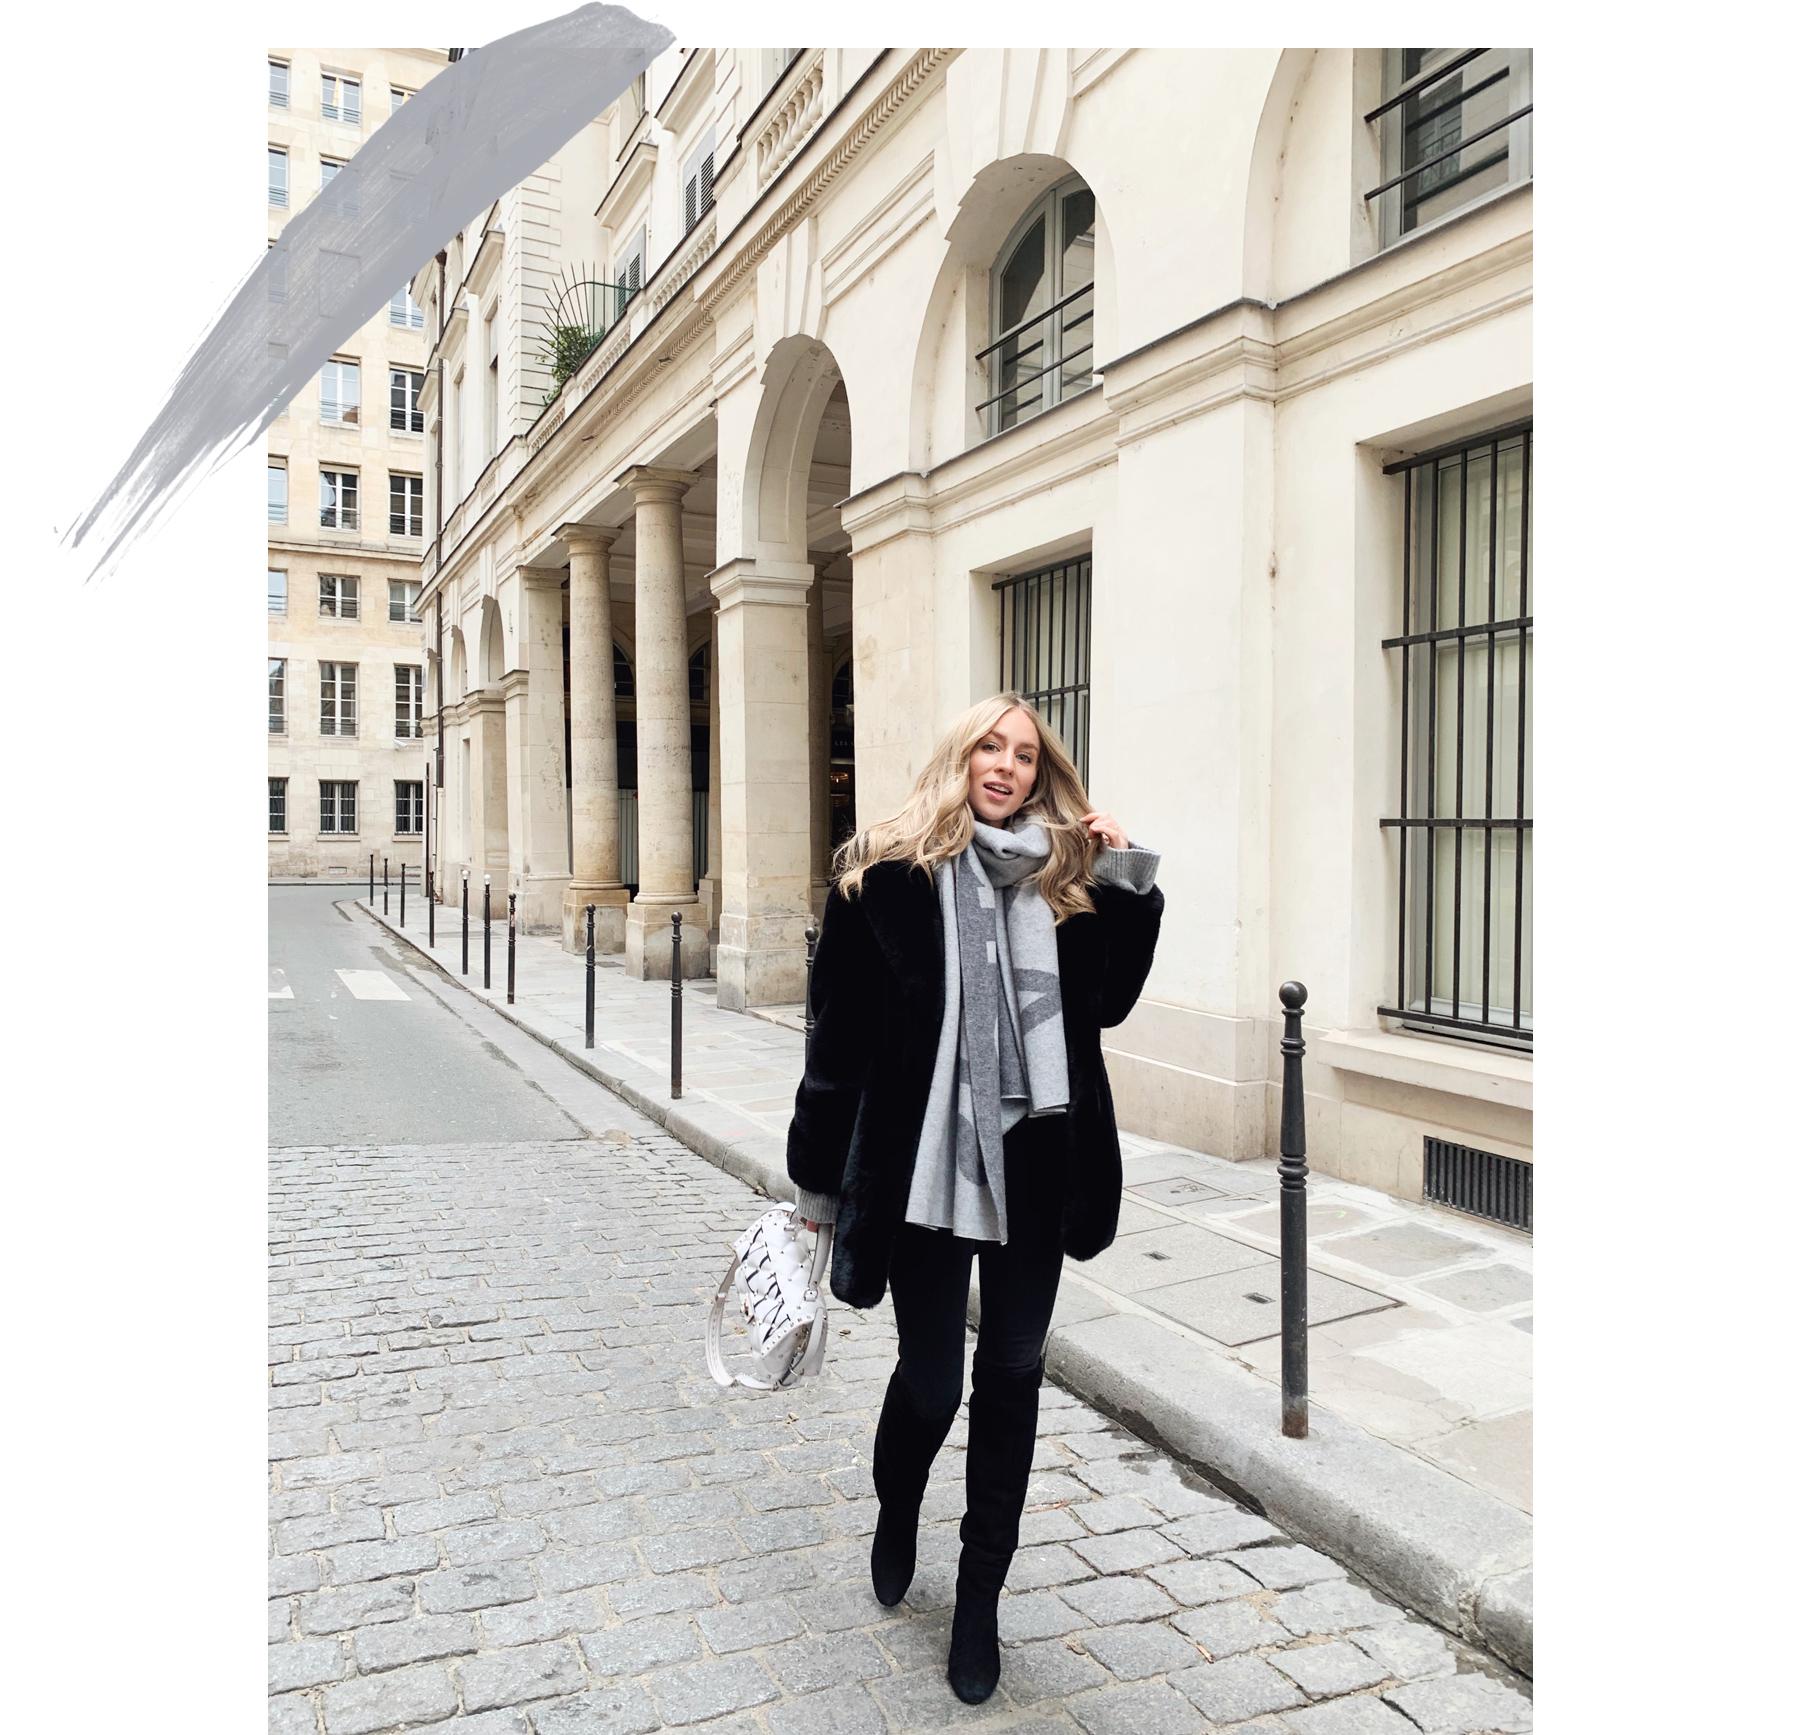 Carin_Olsson_Paris